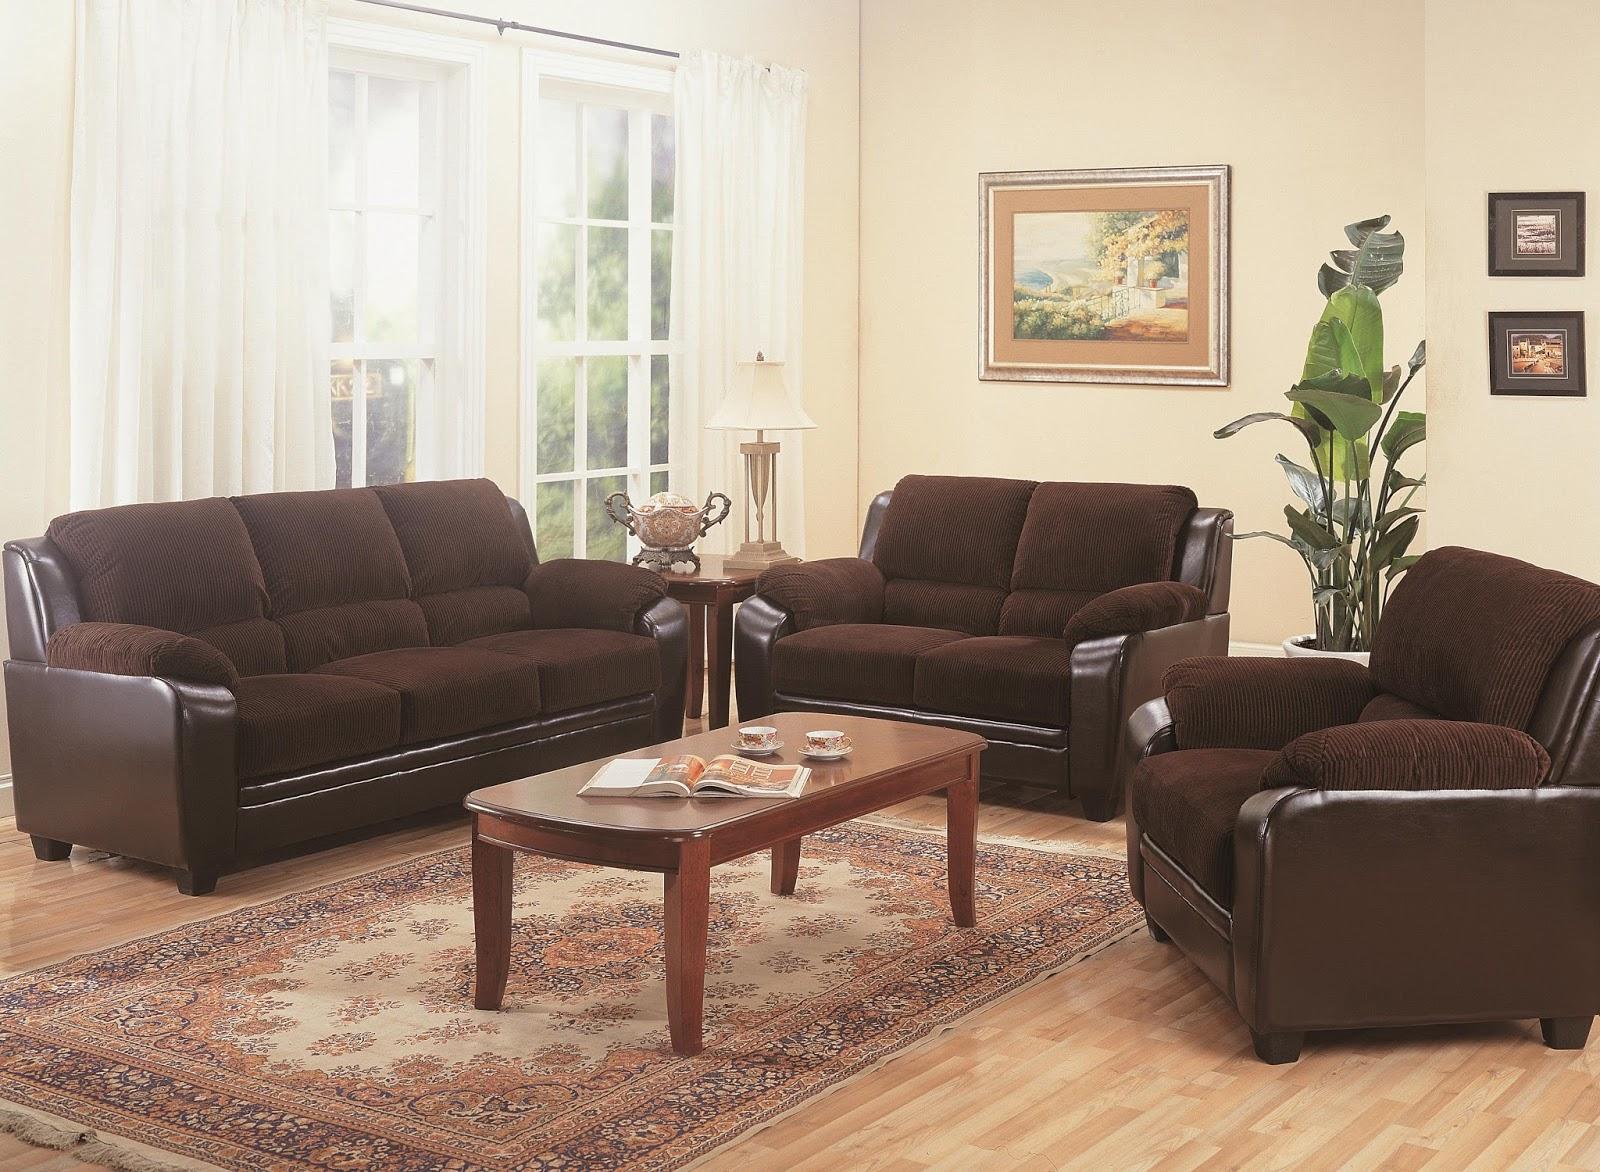 Muebles Moriano: Sofá con los pies de madera